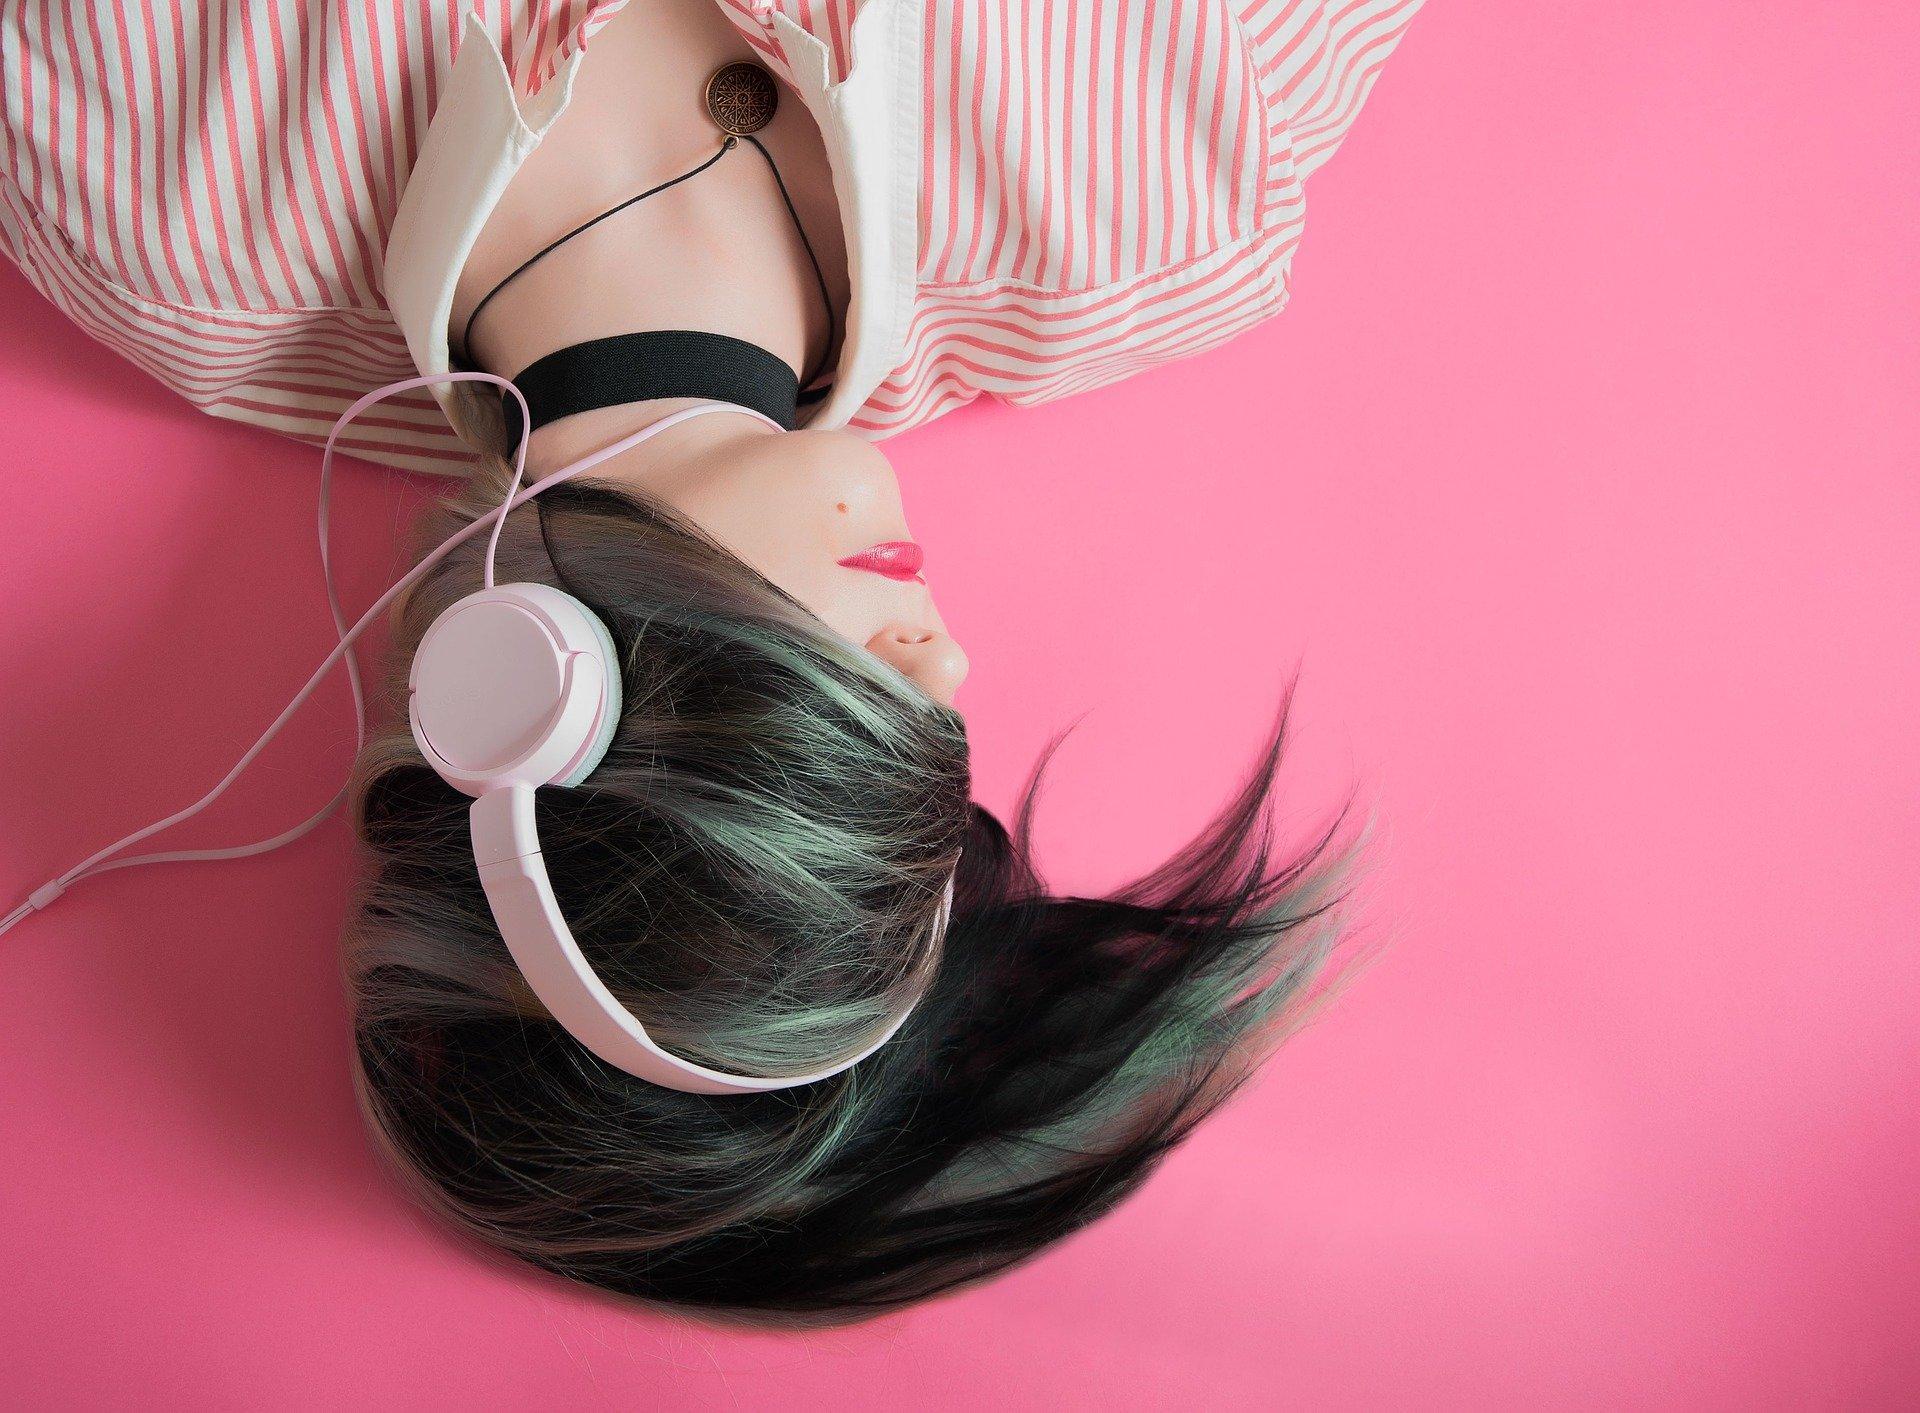 Сбербанк запустит новый музыкальный сервис